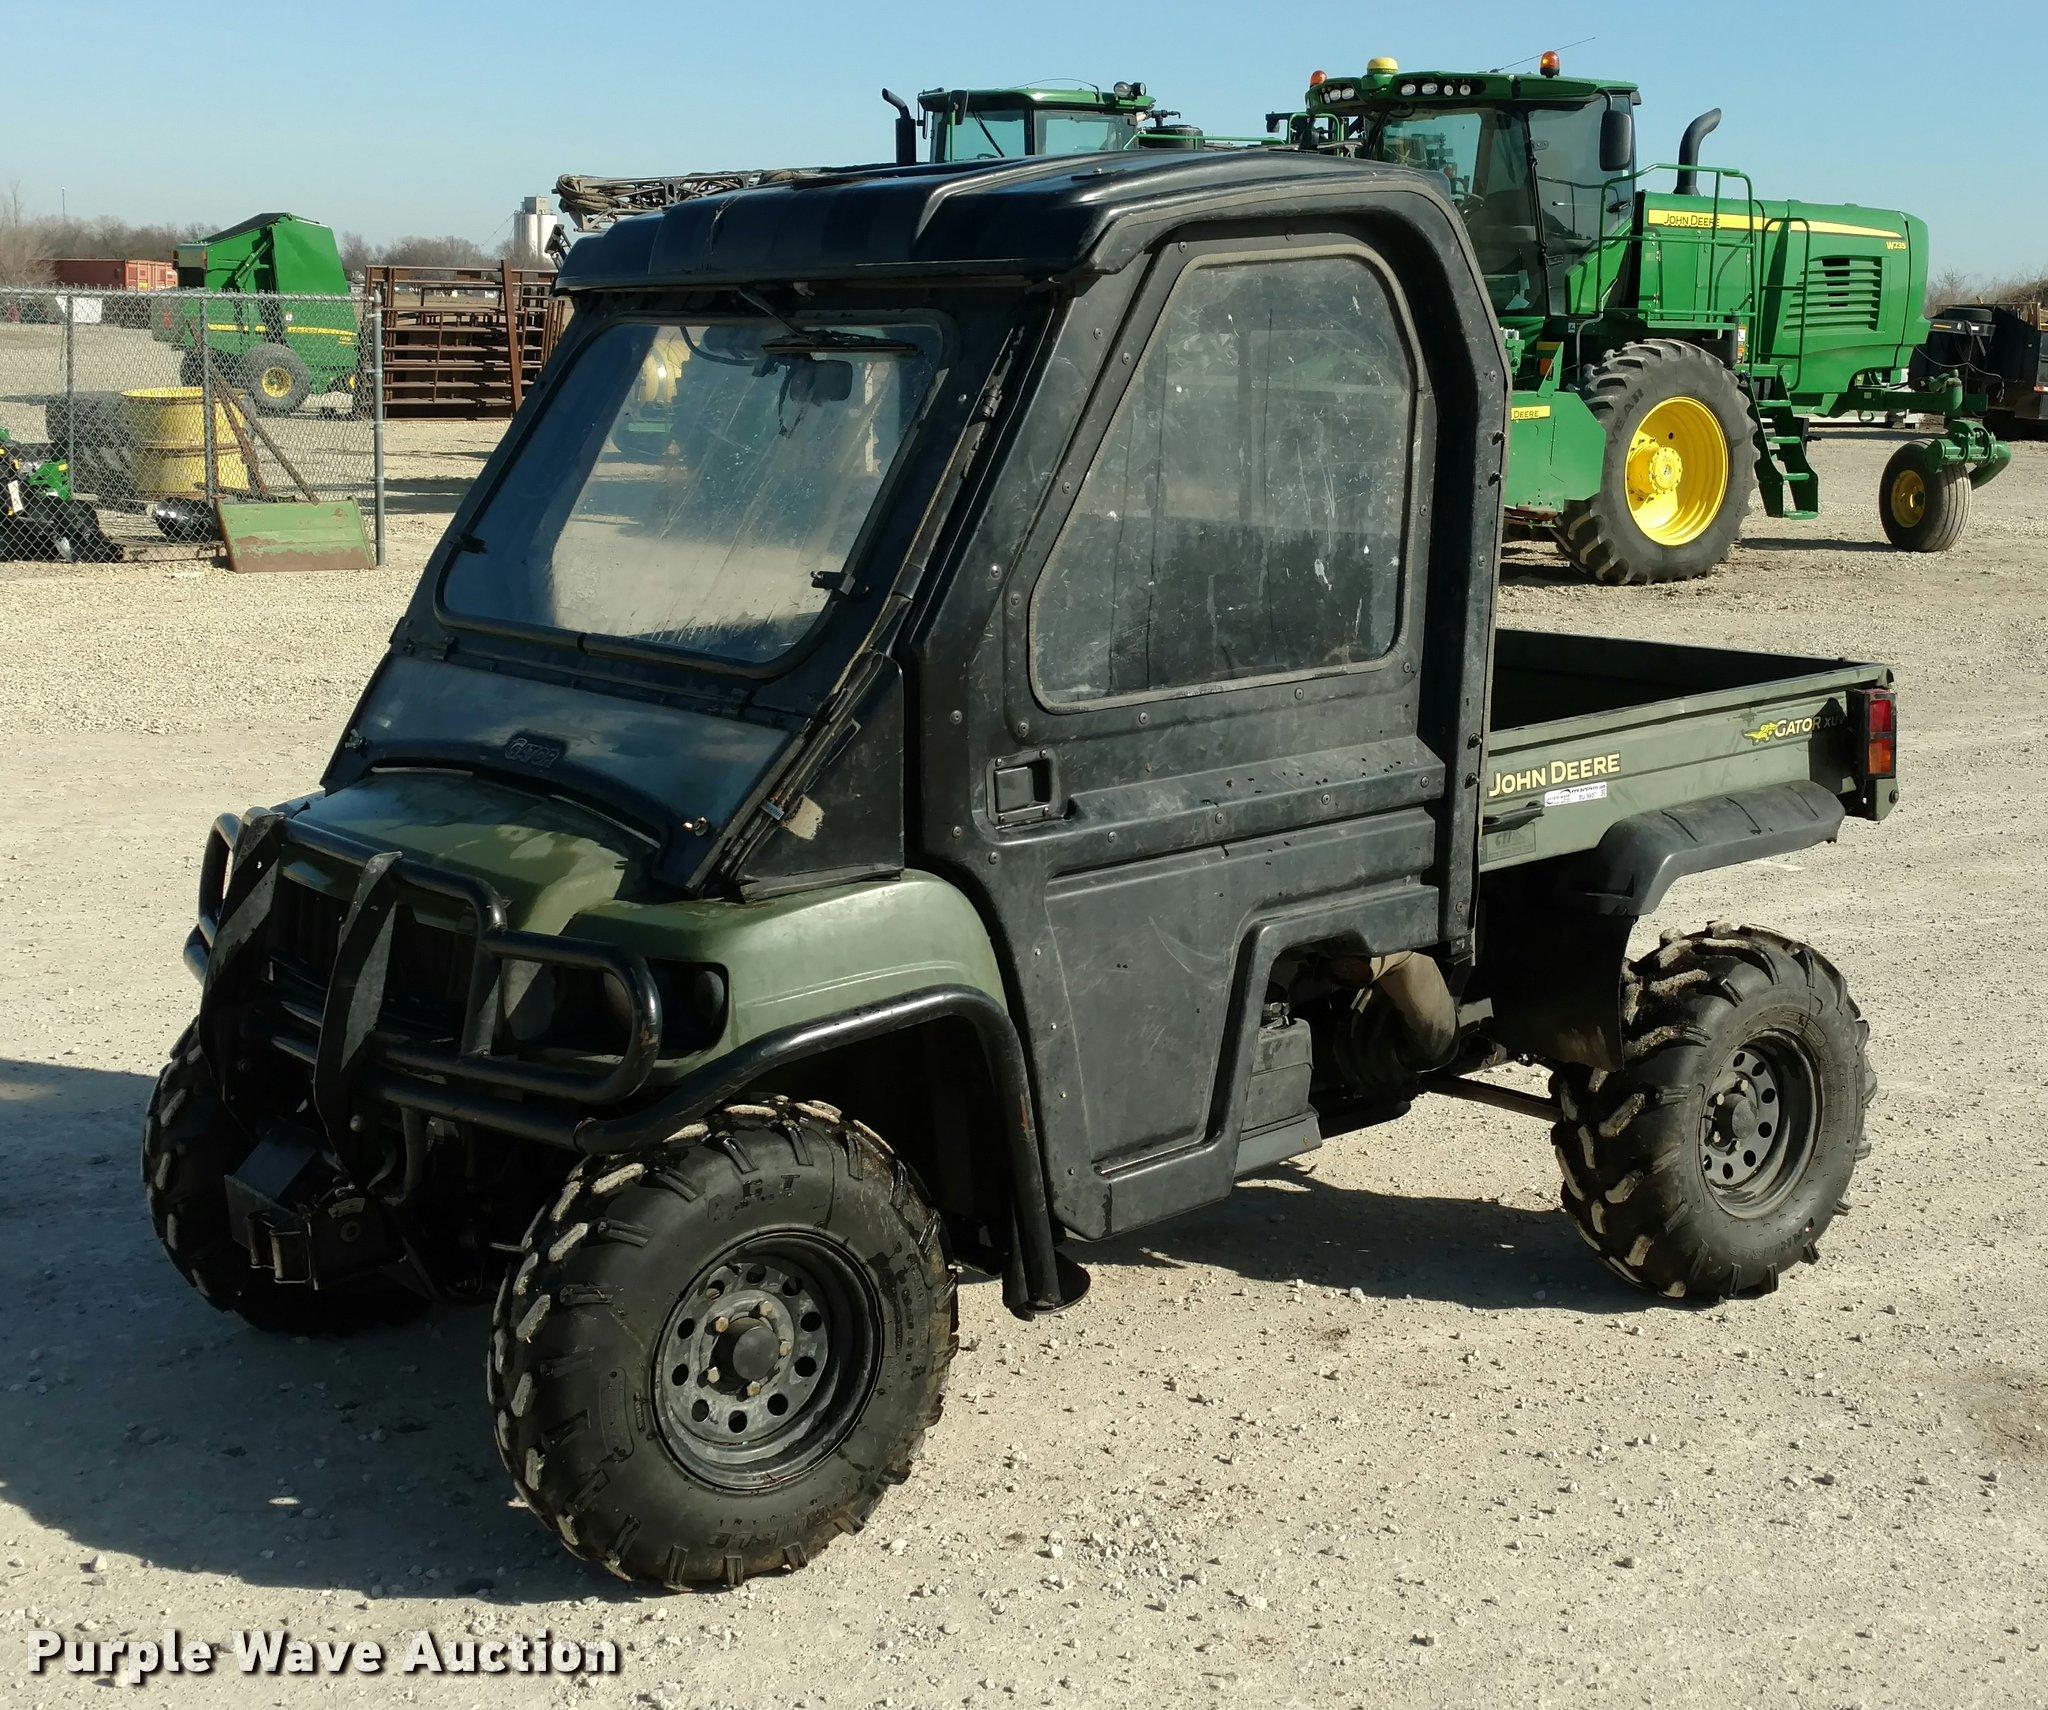 John Deere Gator 620i Problems Fuse Box Bu Image For Item I Utility Vehicle 2048x1710